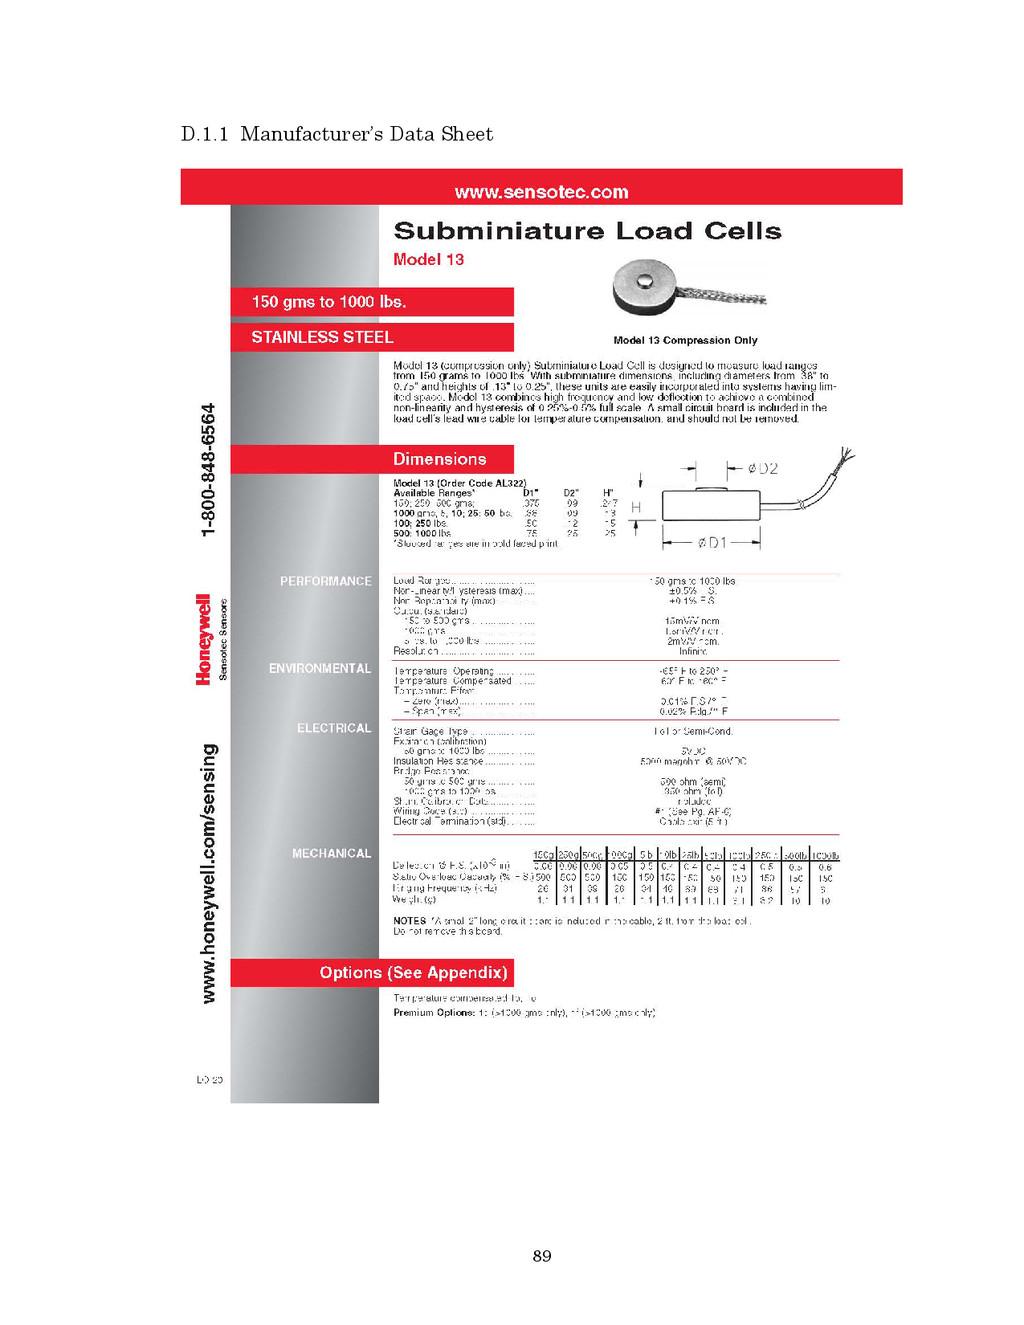 89 D.1.1 Manufacturer's Data Sheet